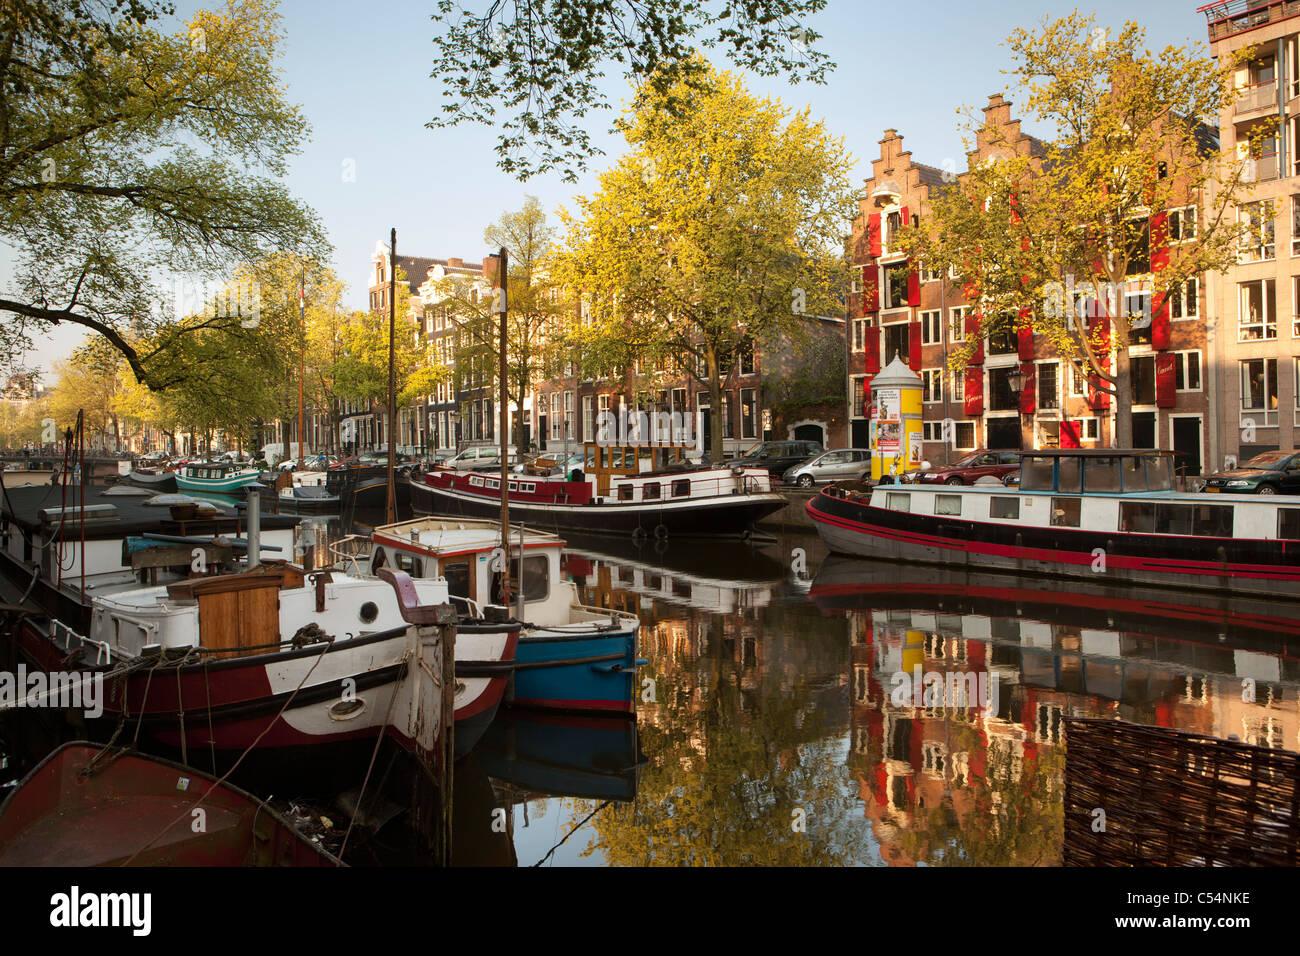 I Paesi Bassi, Amsterdam, xvii secolo case e case galleggianti al canale chiamato Keizersgracht. Unesco - Sito Patrimonio dell'umanità. Foto Stock